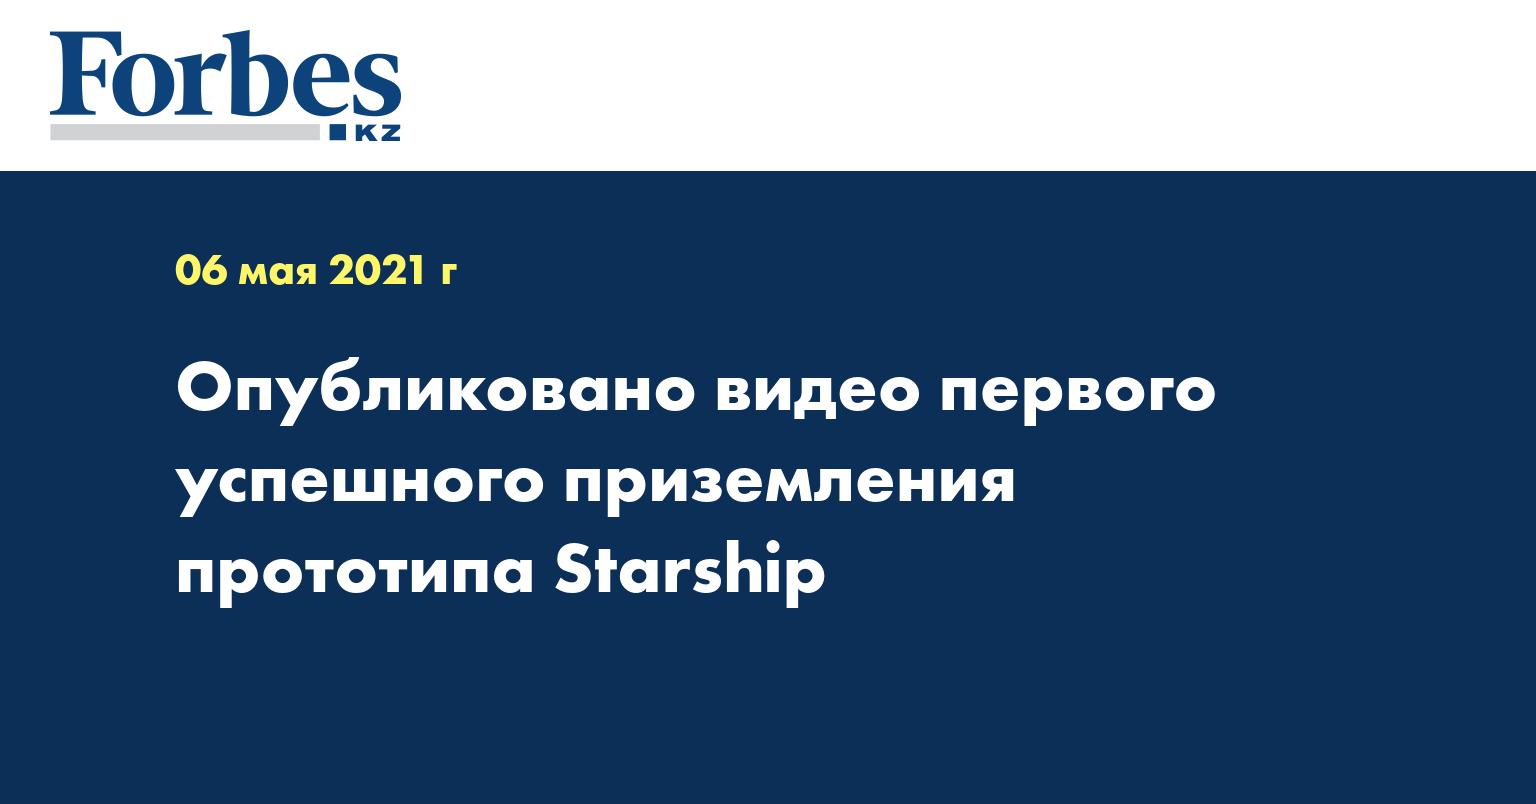 Опубликовано видео первого успешного приземления прототипа Starship